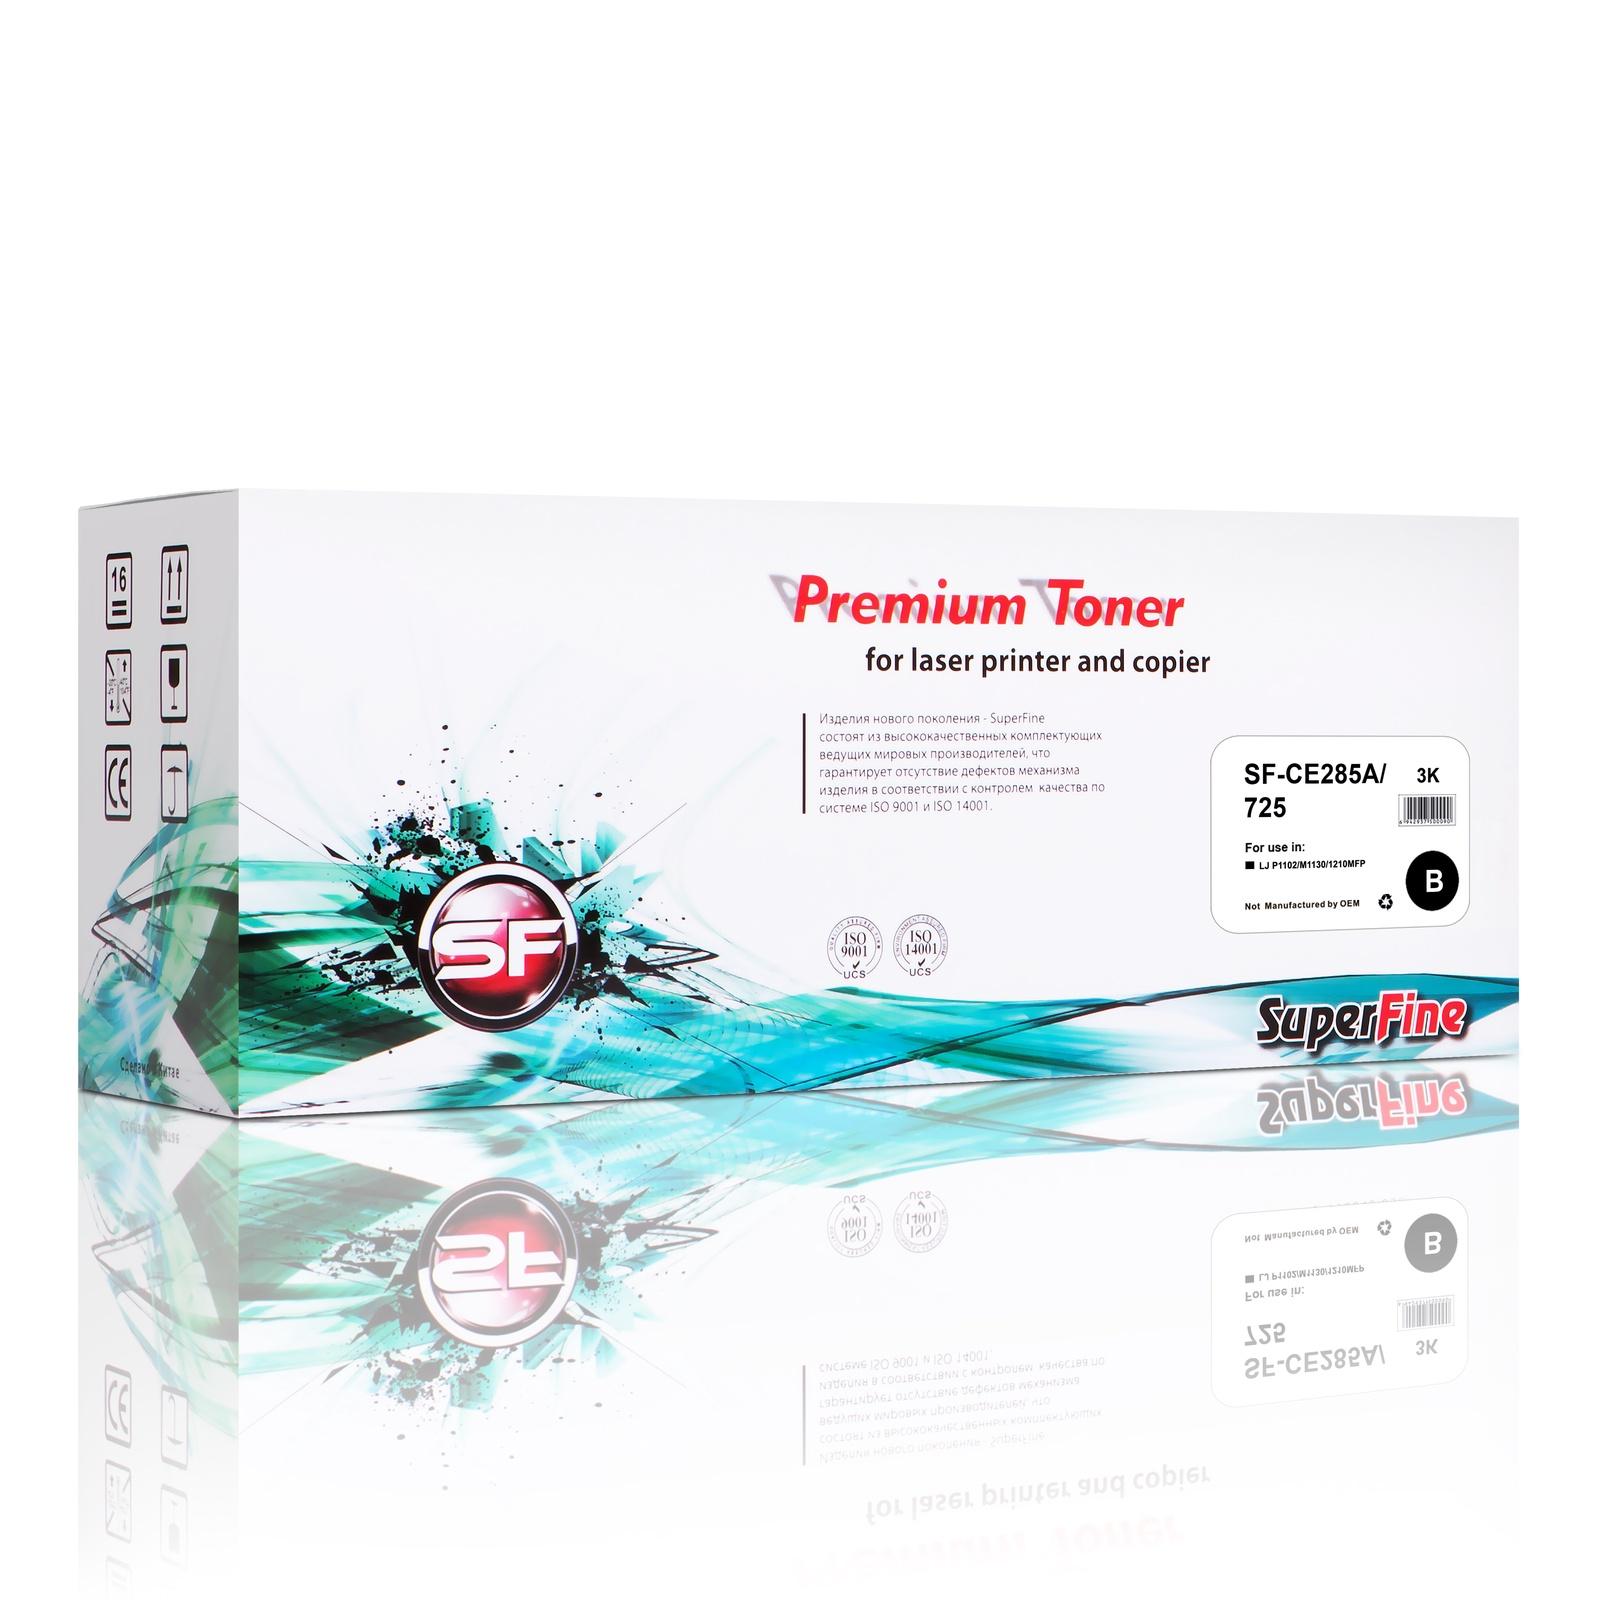 Картридж SuperFine SF-CE285A/725 для использования в принтерах HP LaserJet Pro M1214nfh/M1132/M1217nfw/M1132/ P1102/M1212nf/P1102w или  Canon F-158200/i-SENSYS LBP6030/LBP6020/MF3010/LBP6000